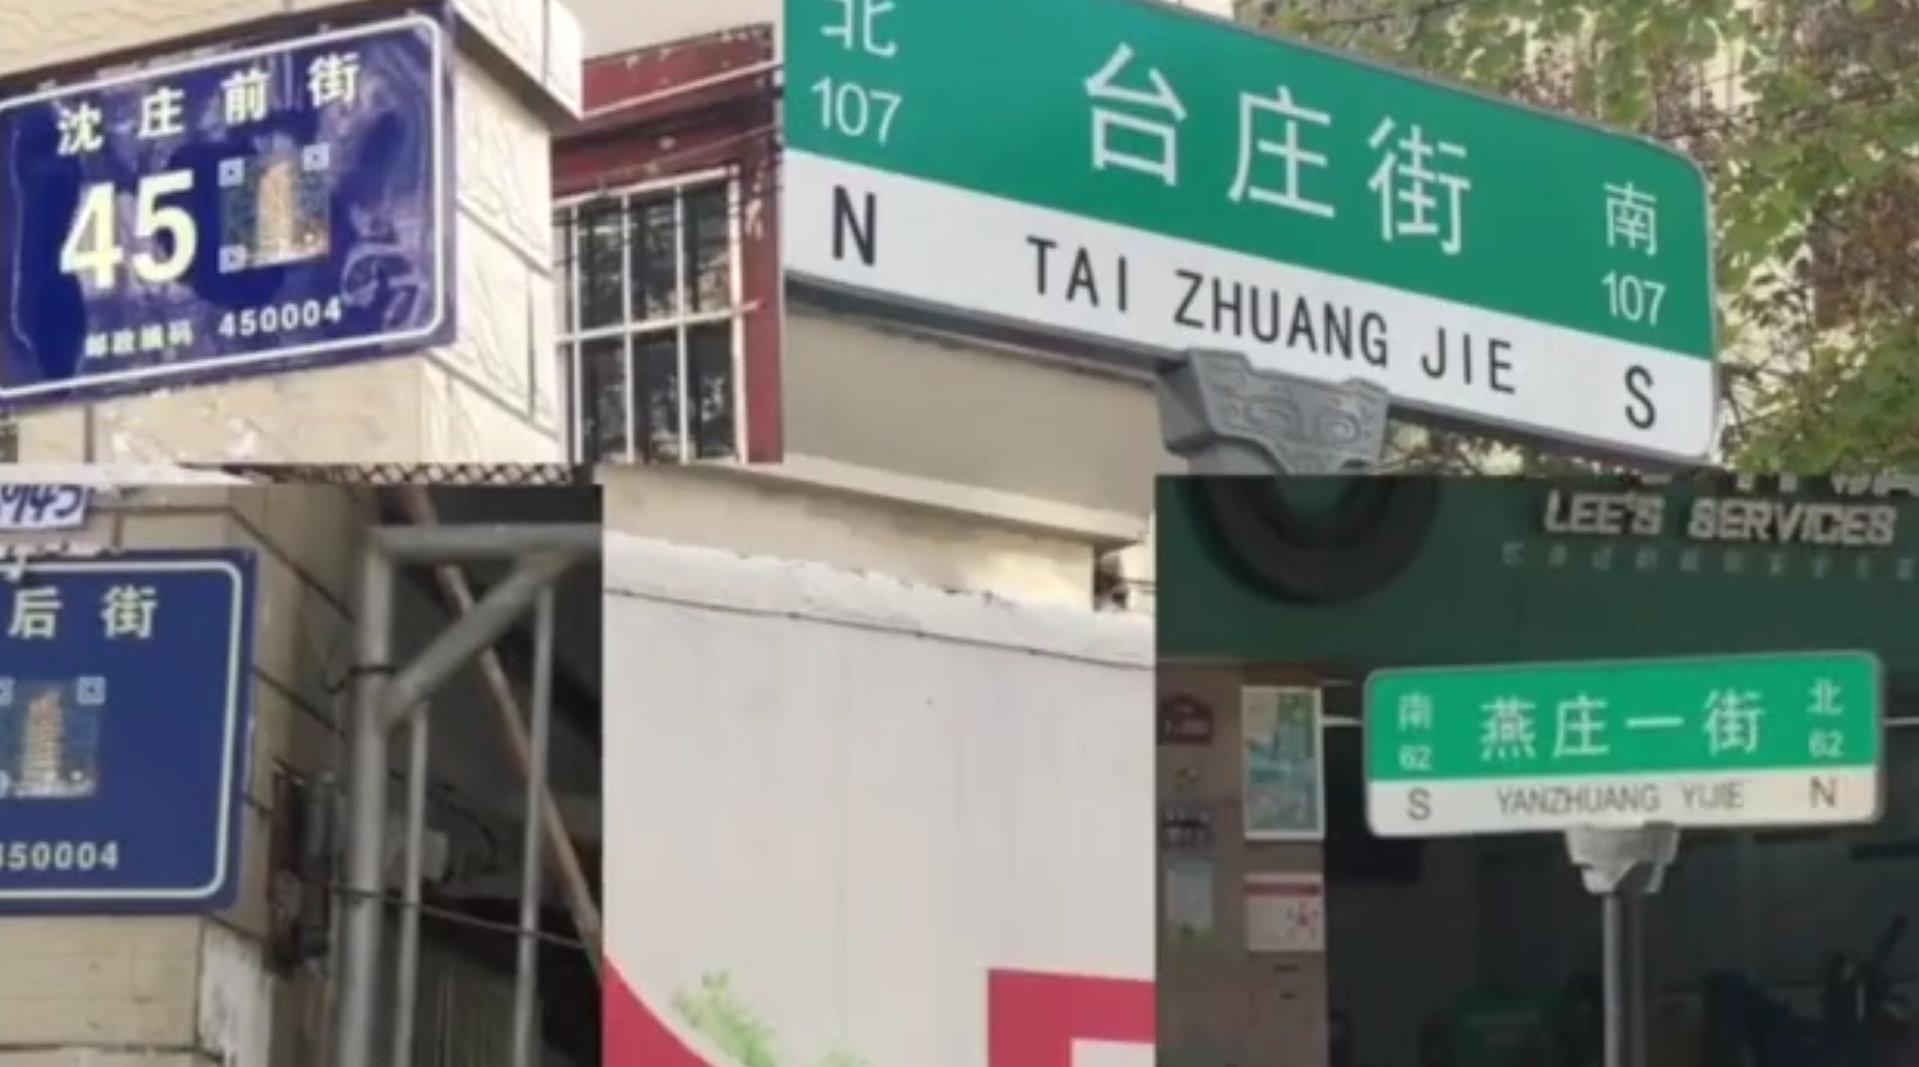 傻傻分不清楚!郑州一条路上挂5个路名 外卖哥绕晕了